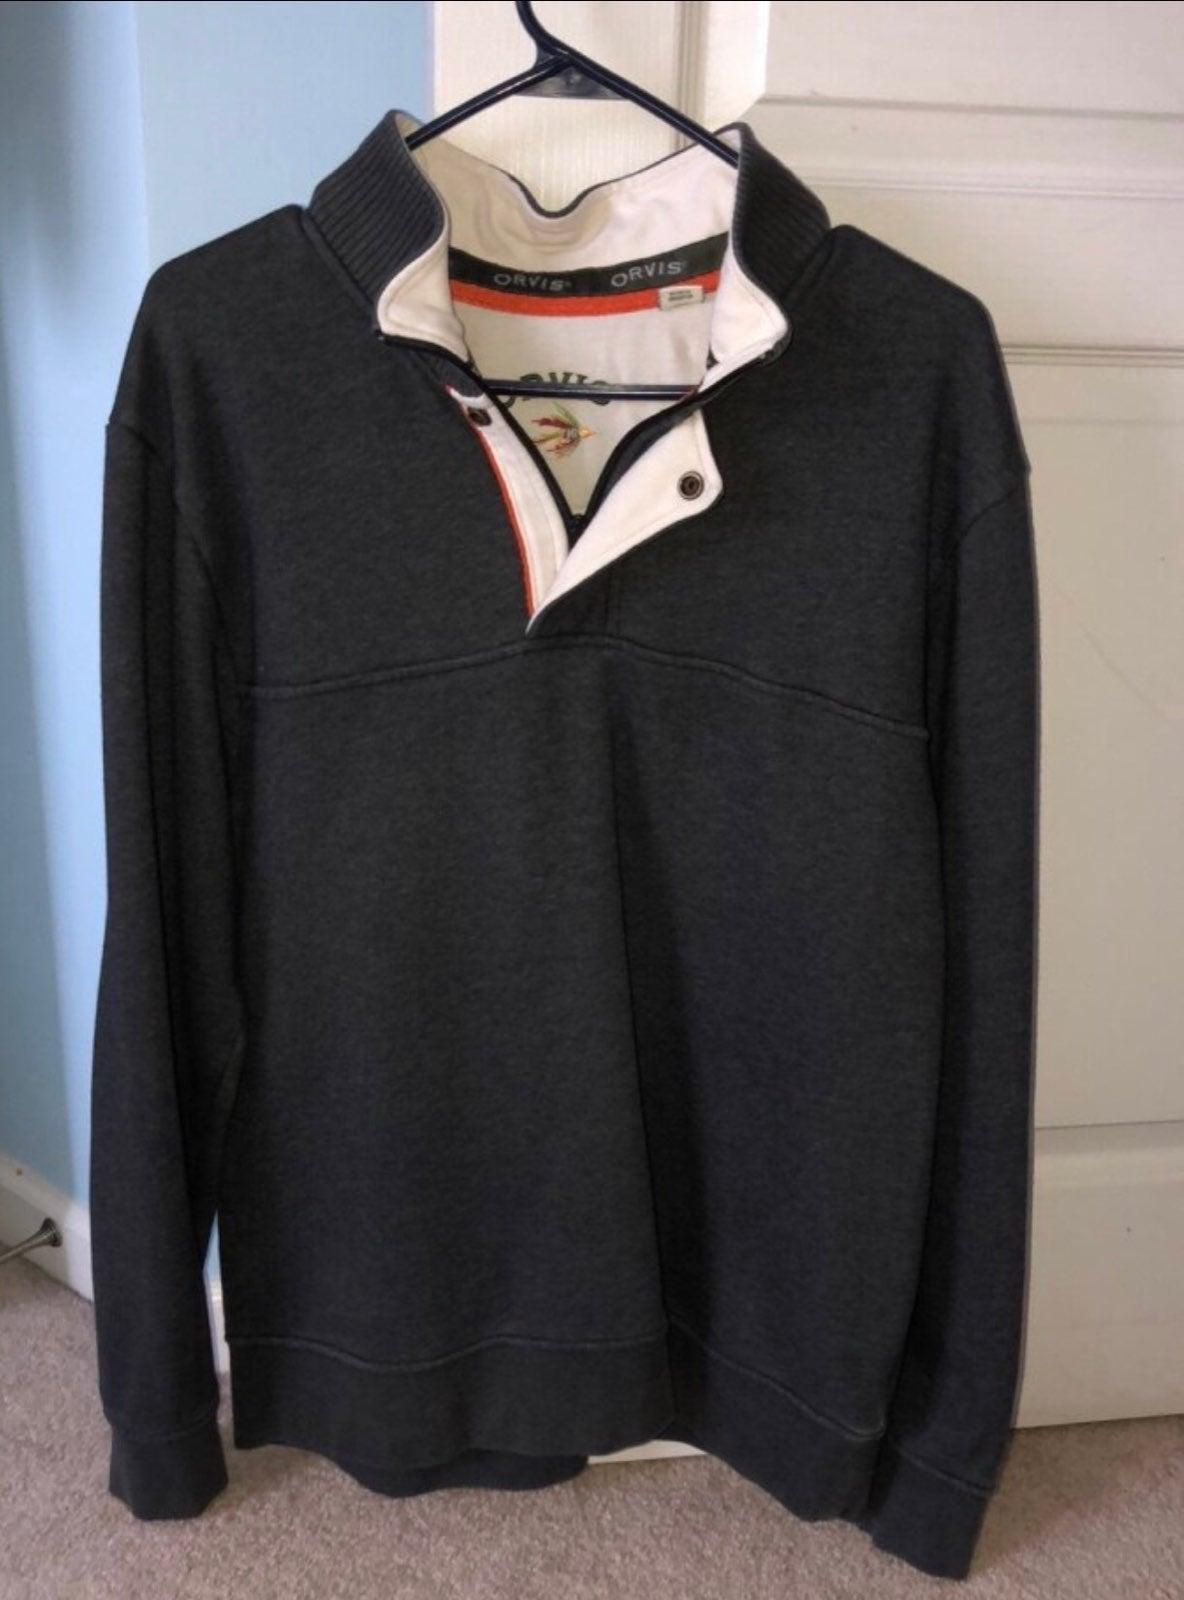 Orvis Quarter Zip Sweater